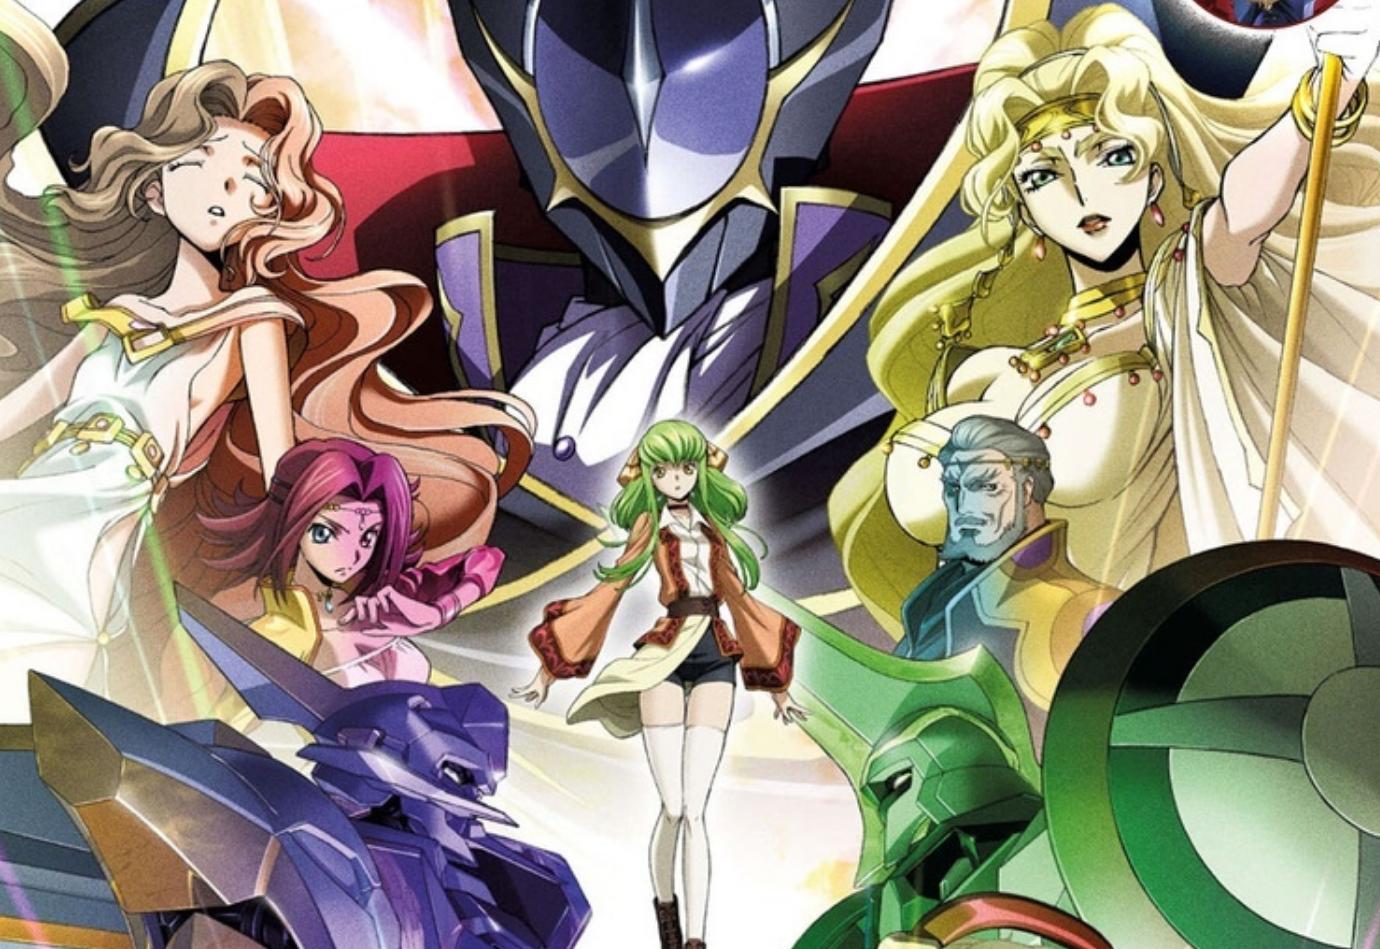 Этим летом в российский прокат выйдут три полнометражных аниме: Code Geass, Gundam и Promare